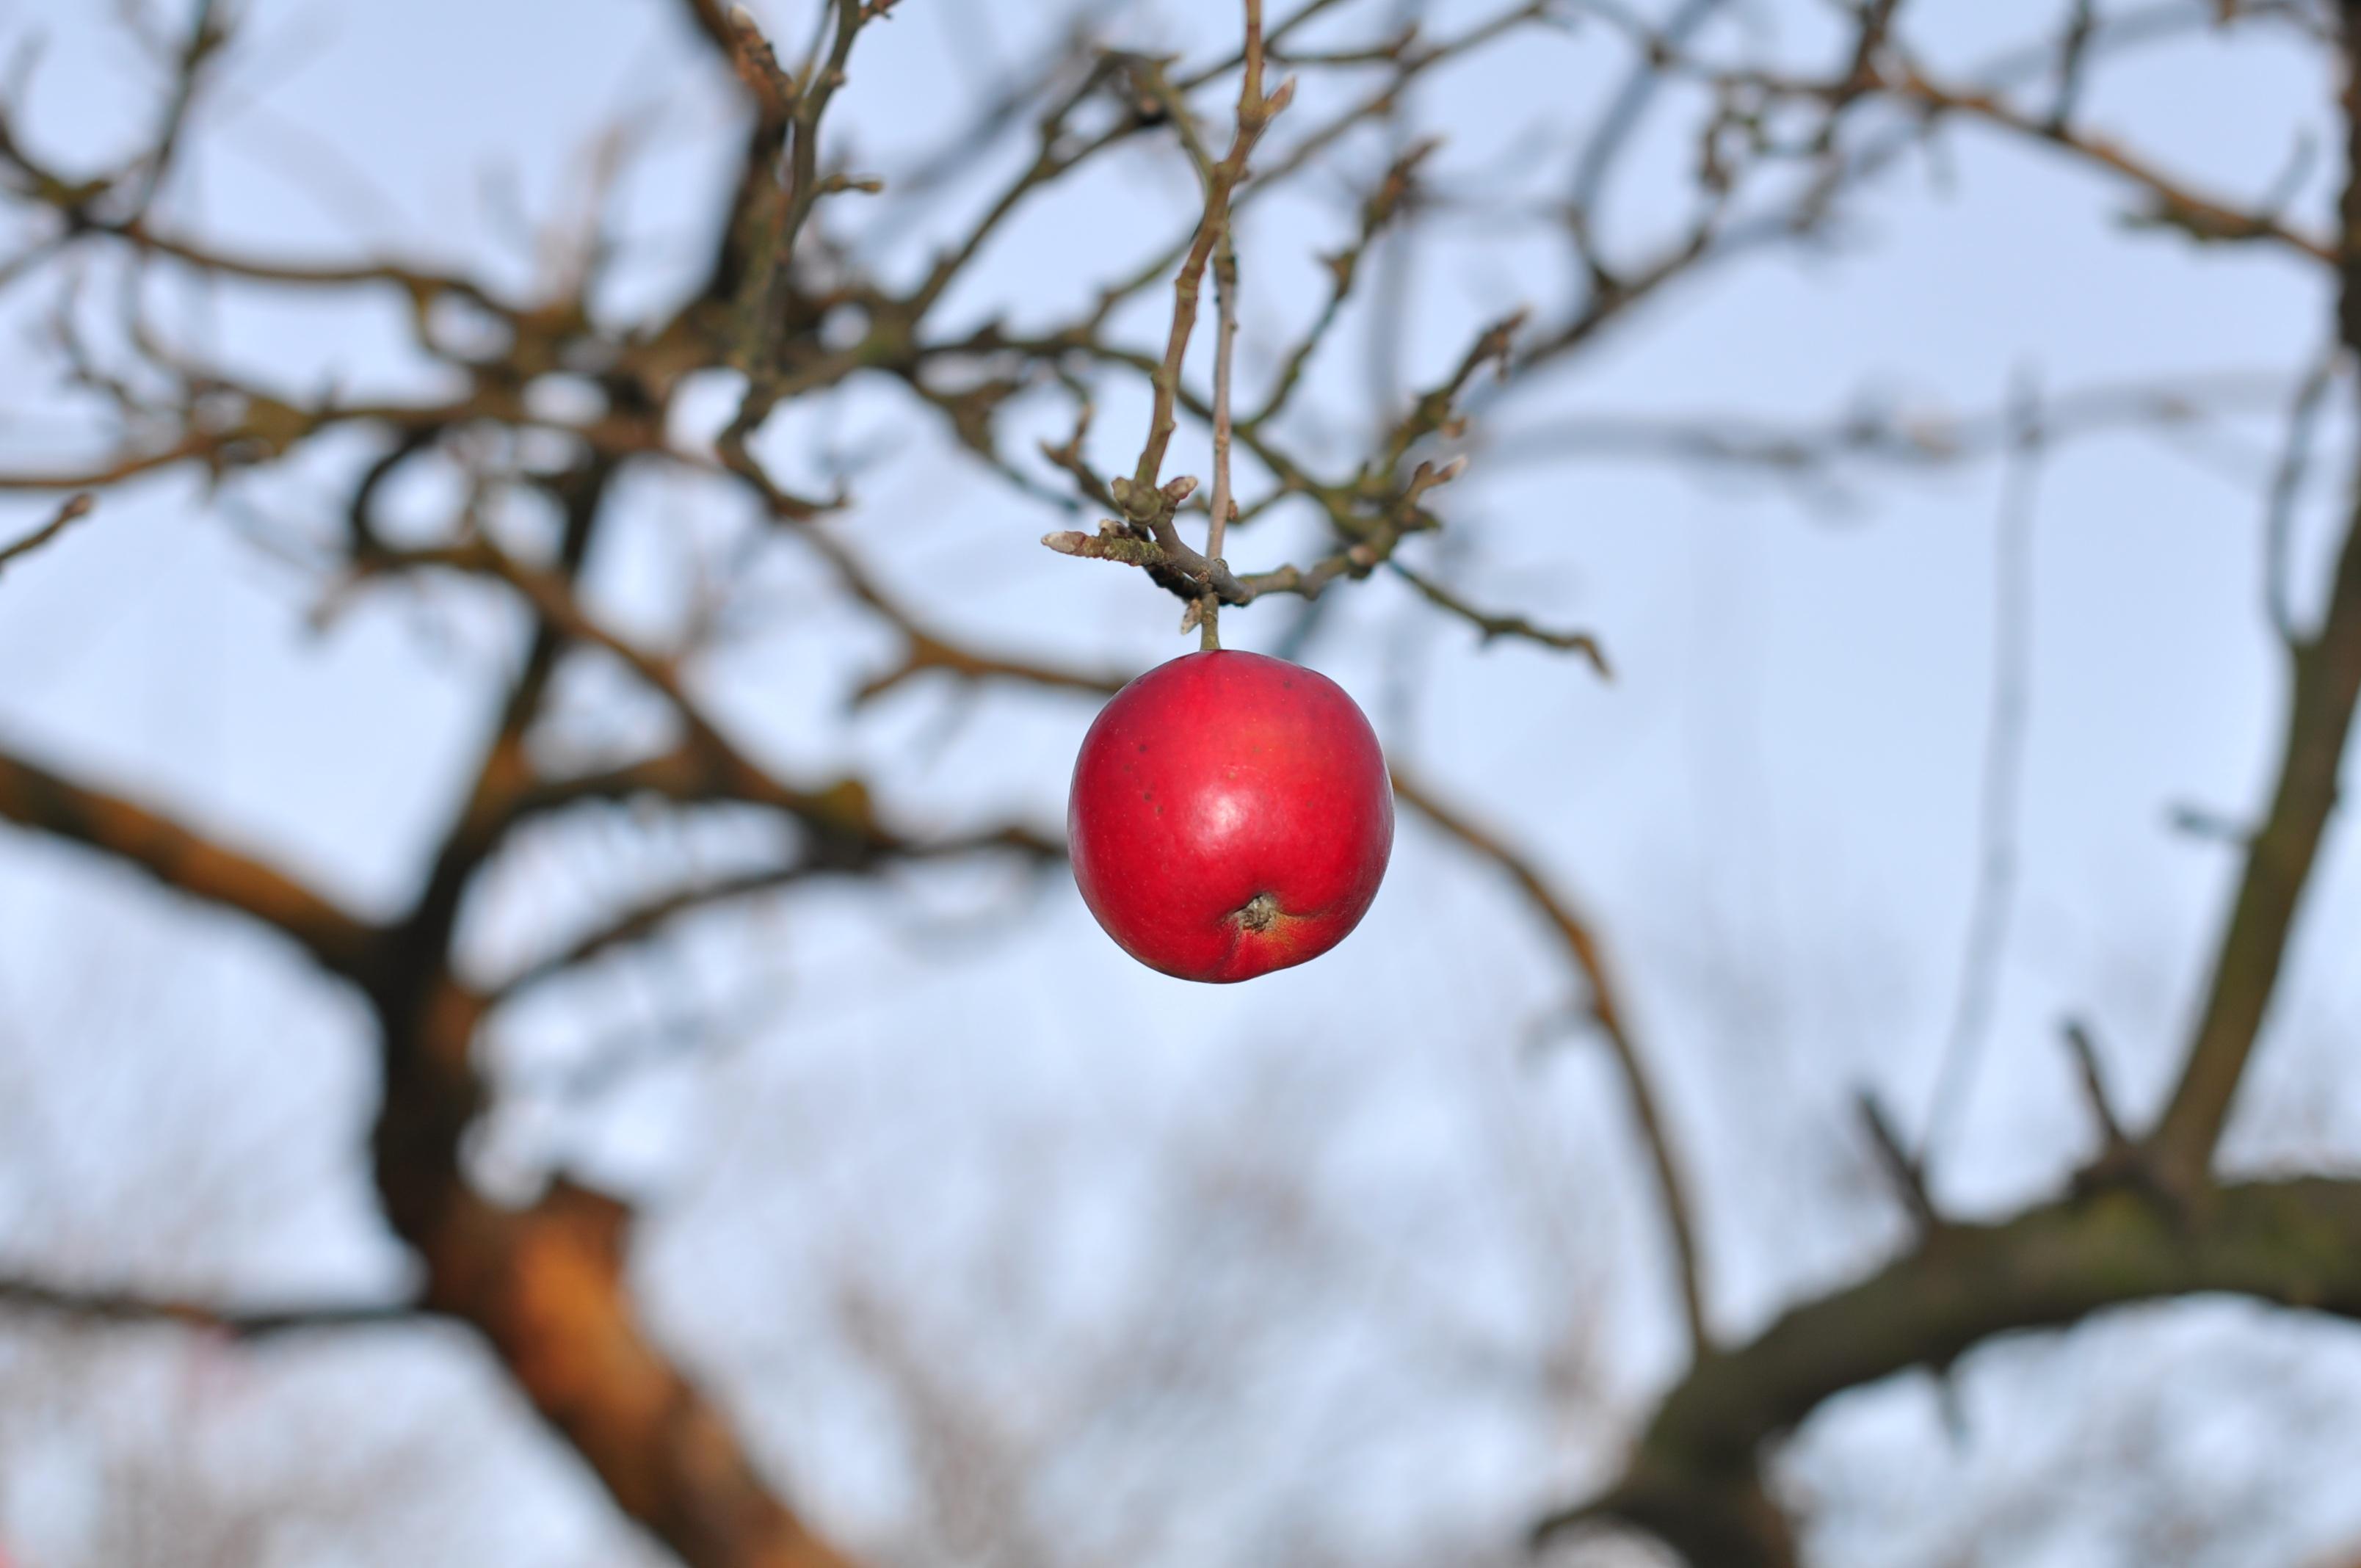 картинка осенней яблони с одним яблоком вид